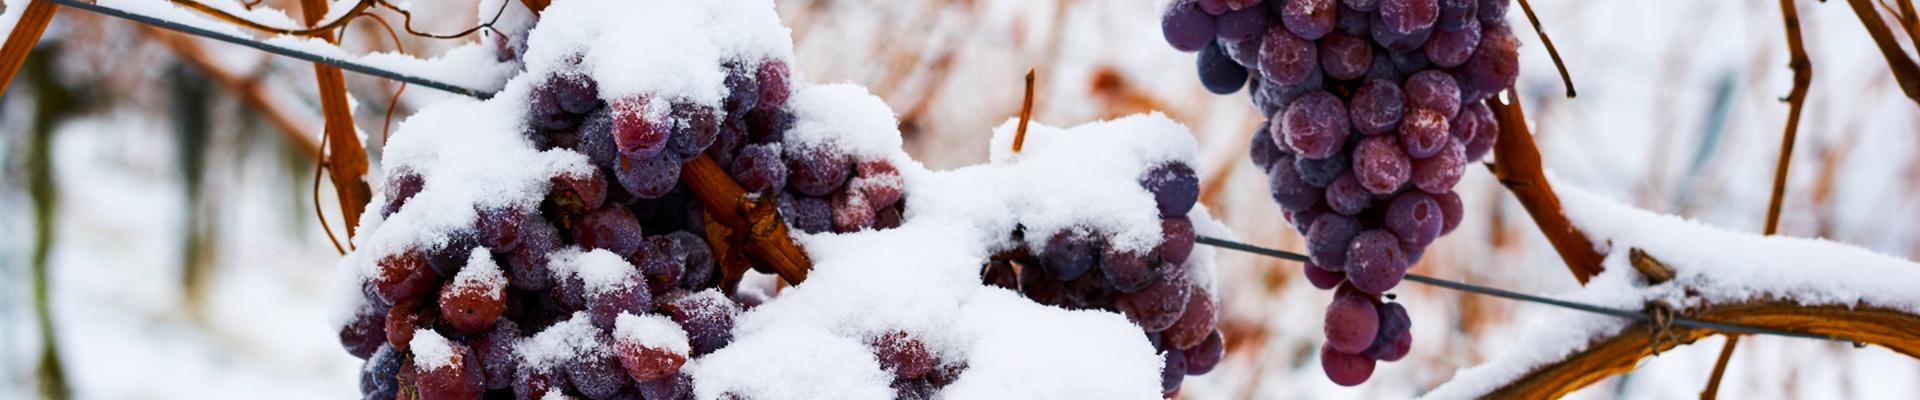 Winter is Here: Três Motivos para Abastecer sua Adega Neste Inverno